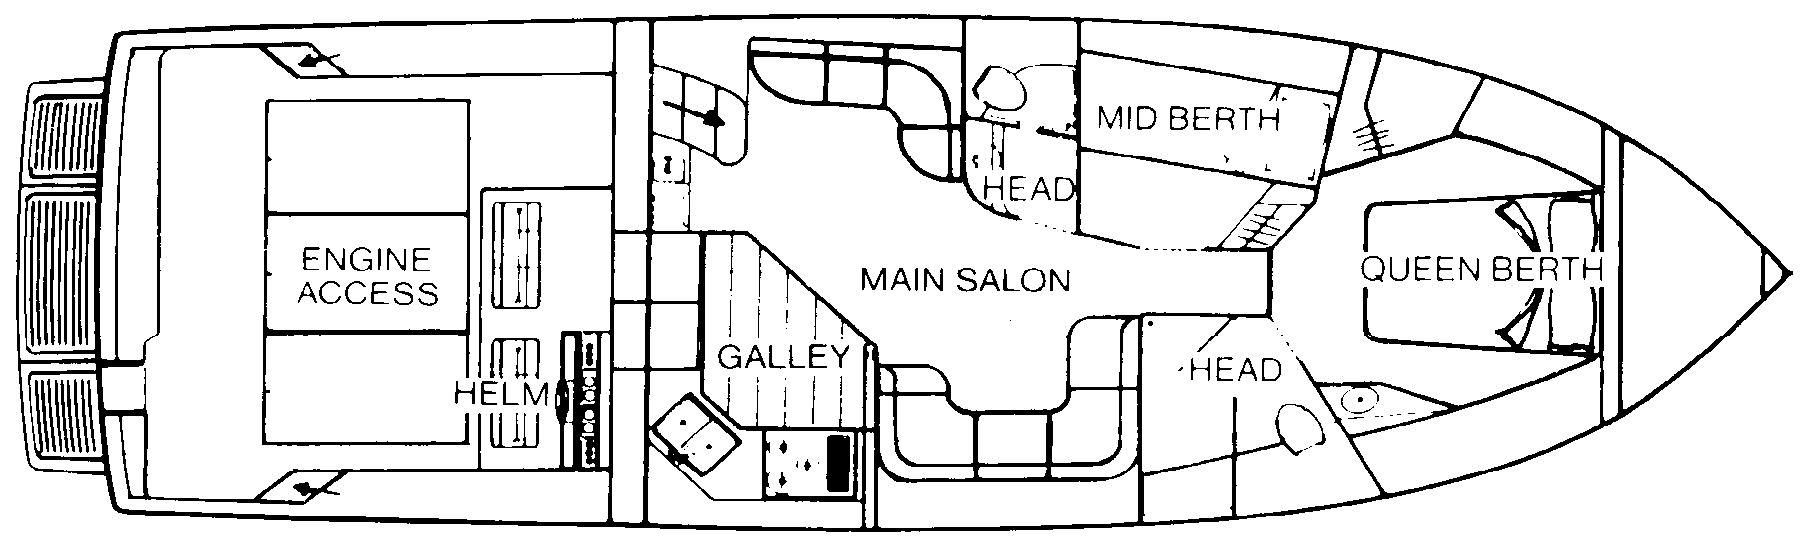 460 Express Cruiser Floor Plan 2